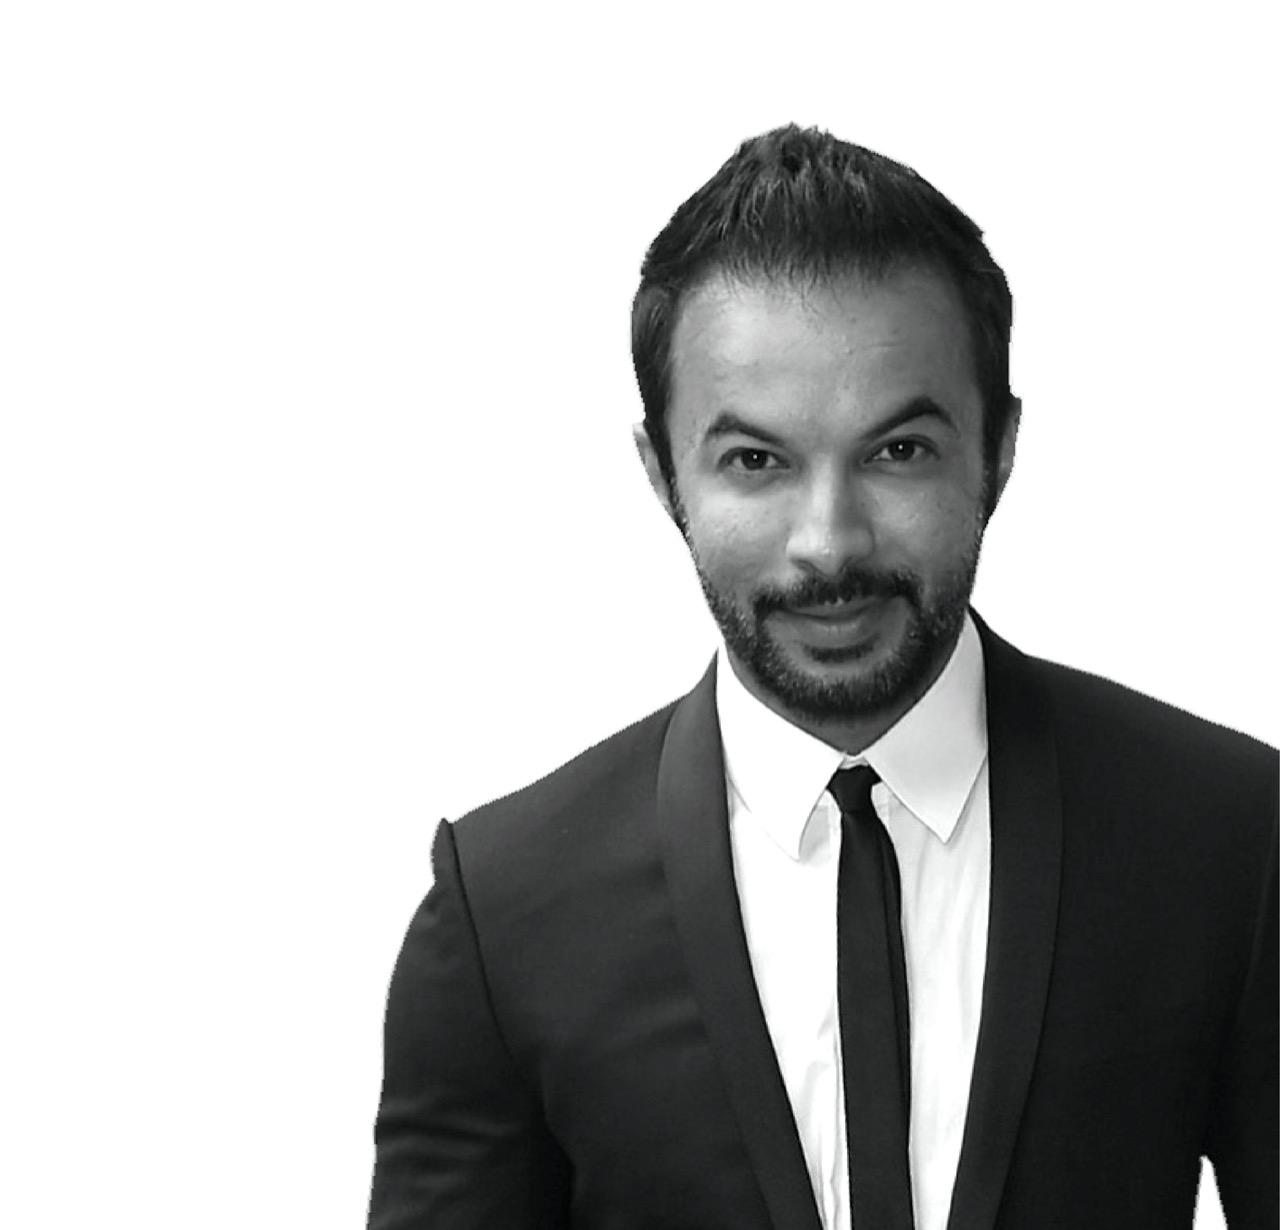 هيئة الثقافة والفنون في دبي تطلق حملة رقمية بعنوان #لنبدع_معاً